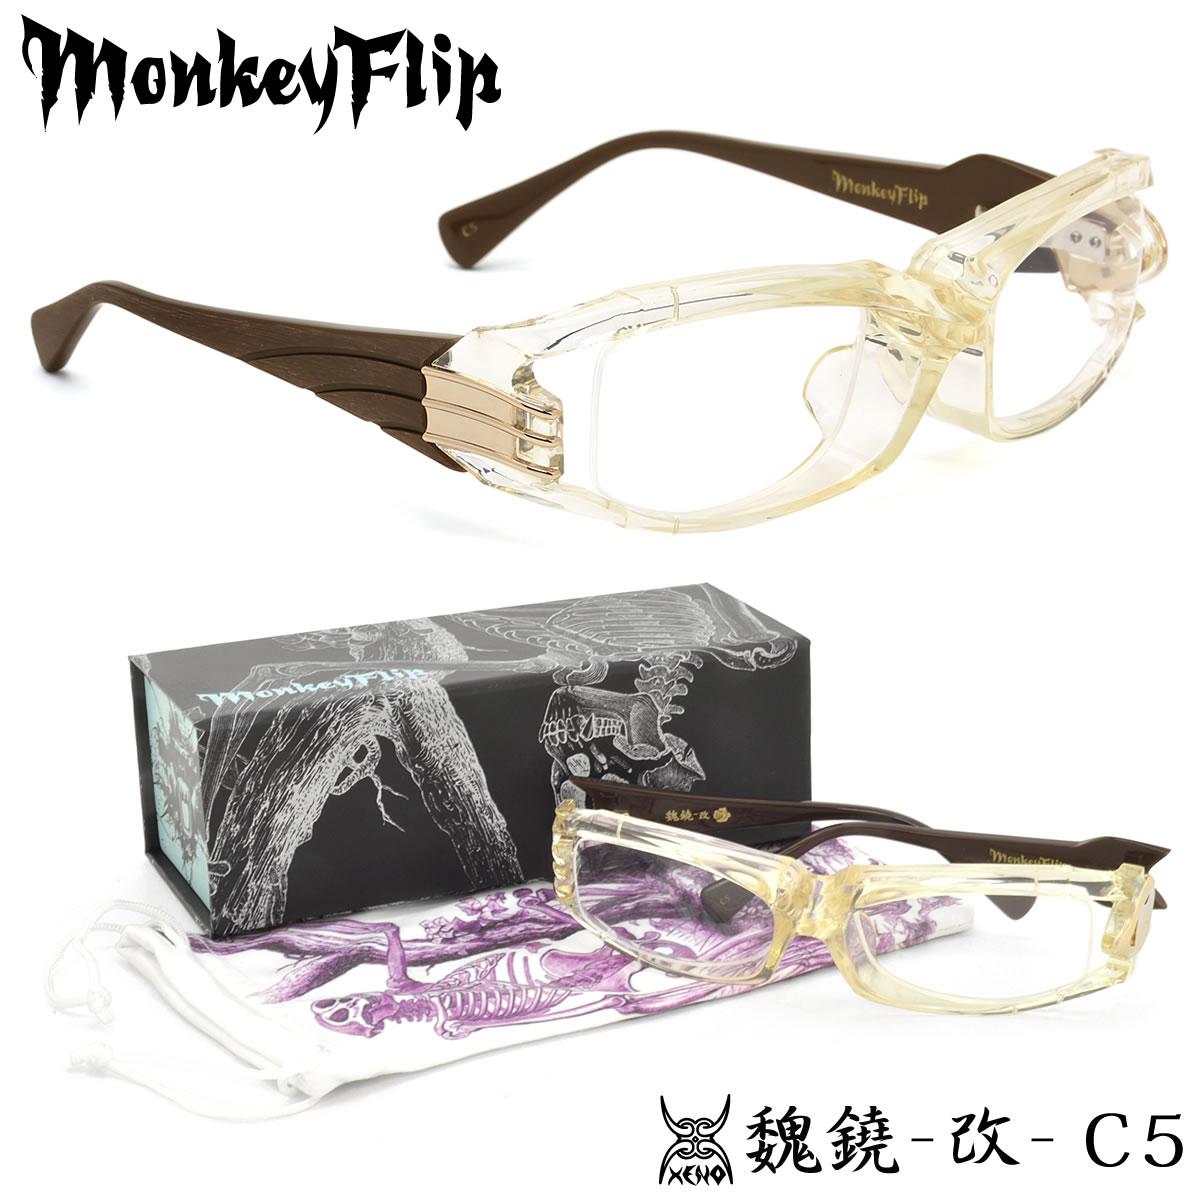 【Monkey Flip】(モンキーフリップ) メガネ 魏鐃改 C5 61サイズ 魏鐃-改- XENO ギドラカイ ゼノ モンキーフリップ MonkeyFlip メンズ レディース